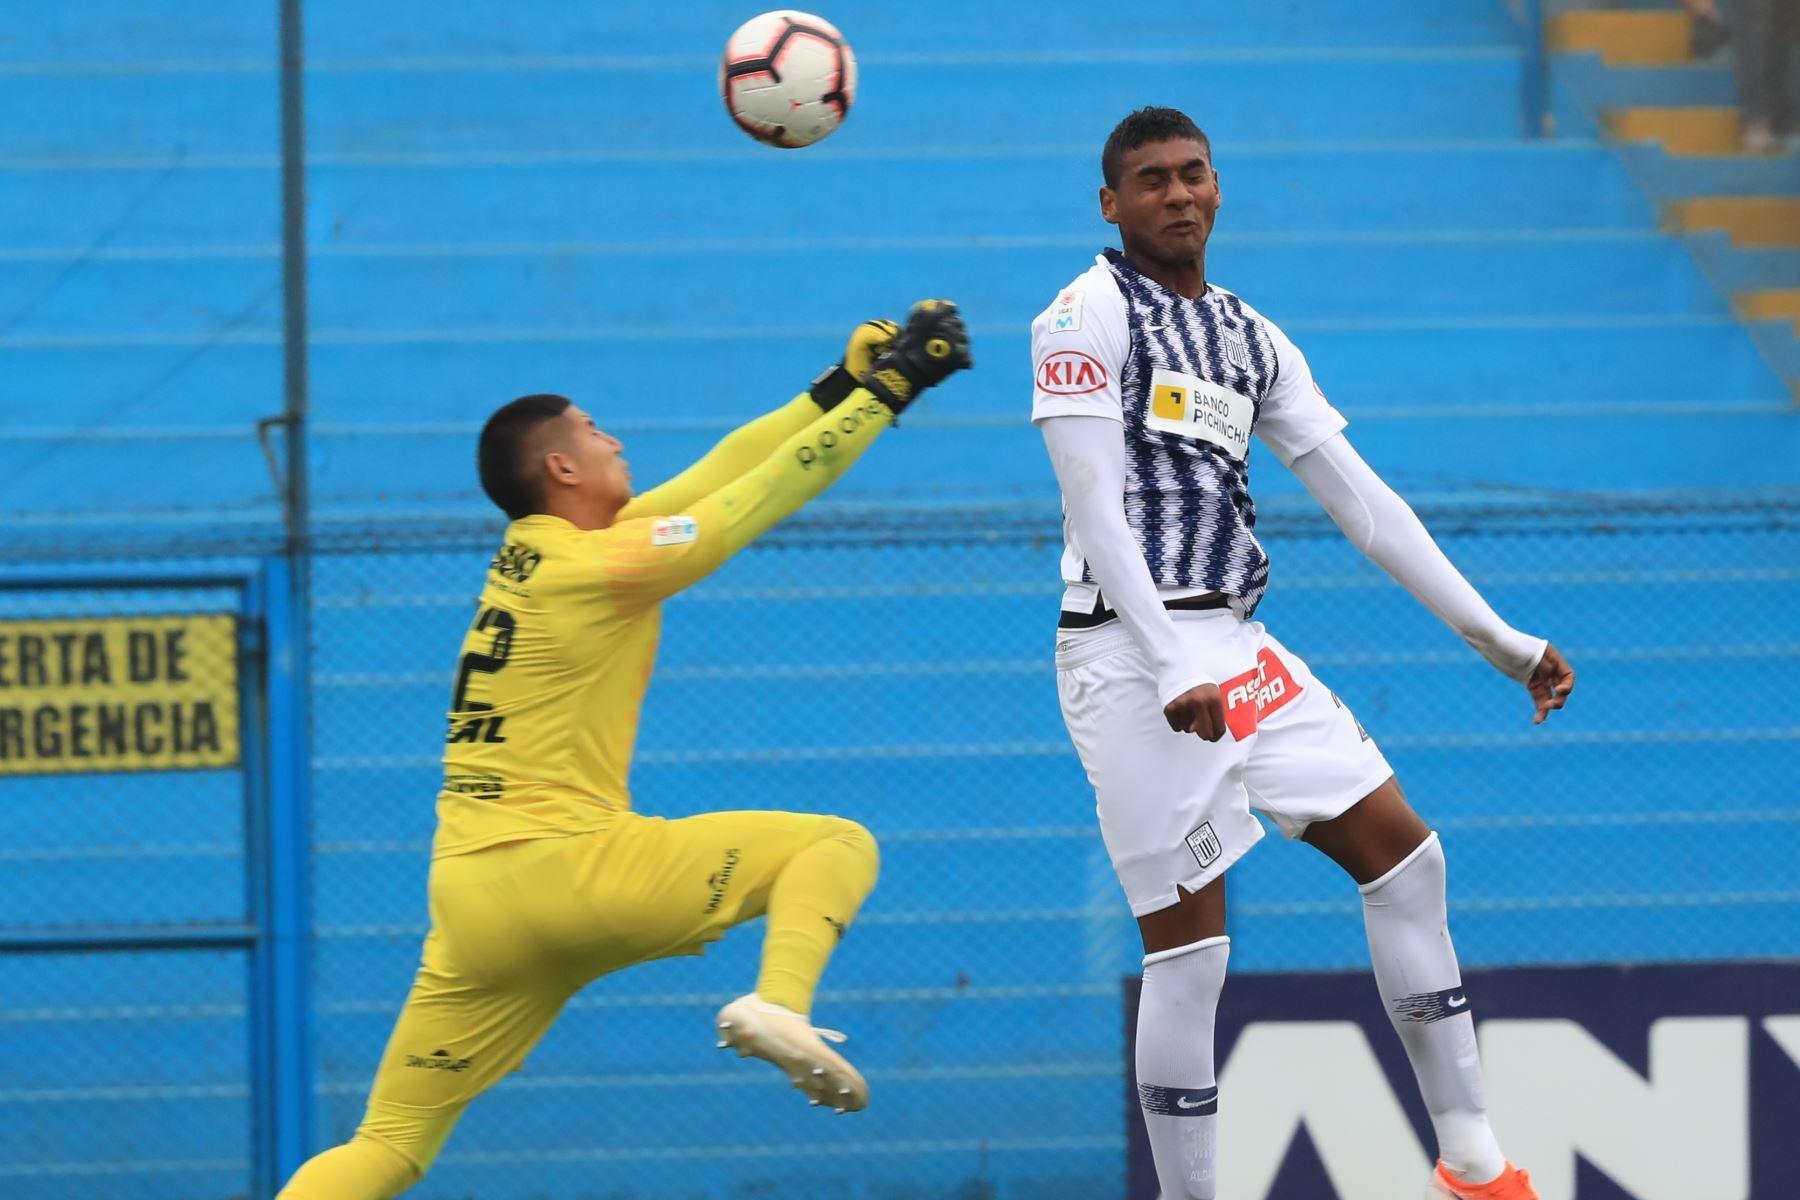 Aldair Fuentes de Alianza Lima en jugada riesgosa. Alianza Lima empató 1-1 ante Unión Comercio   Foto: ANDINA/Juan Carlos Guzmán Negrini.